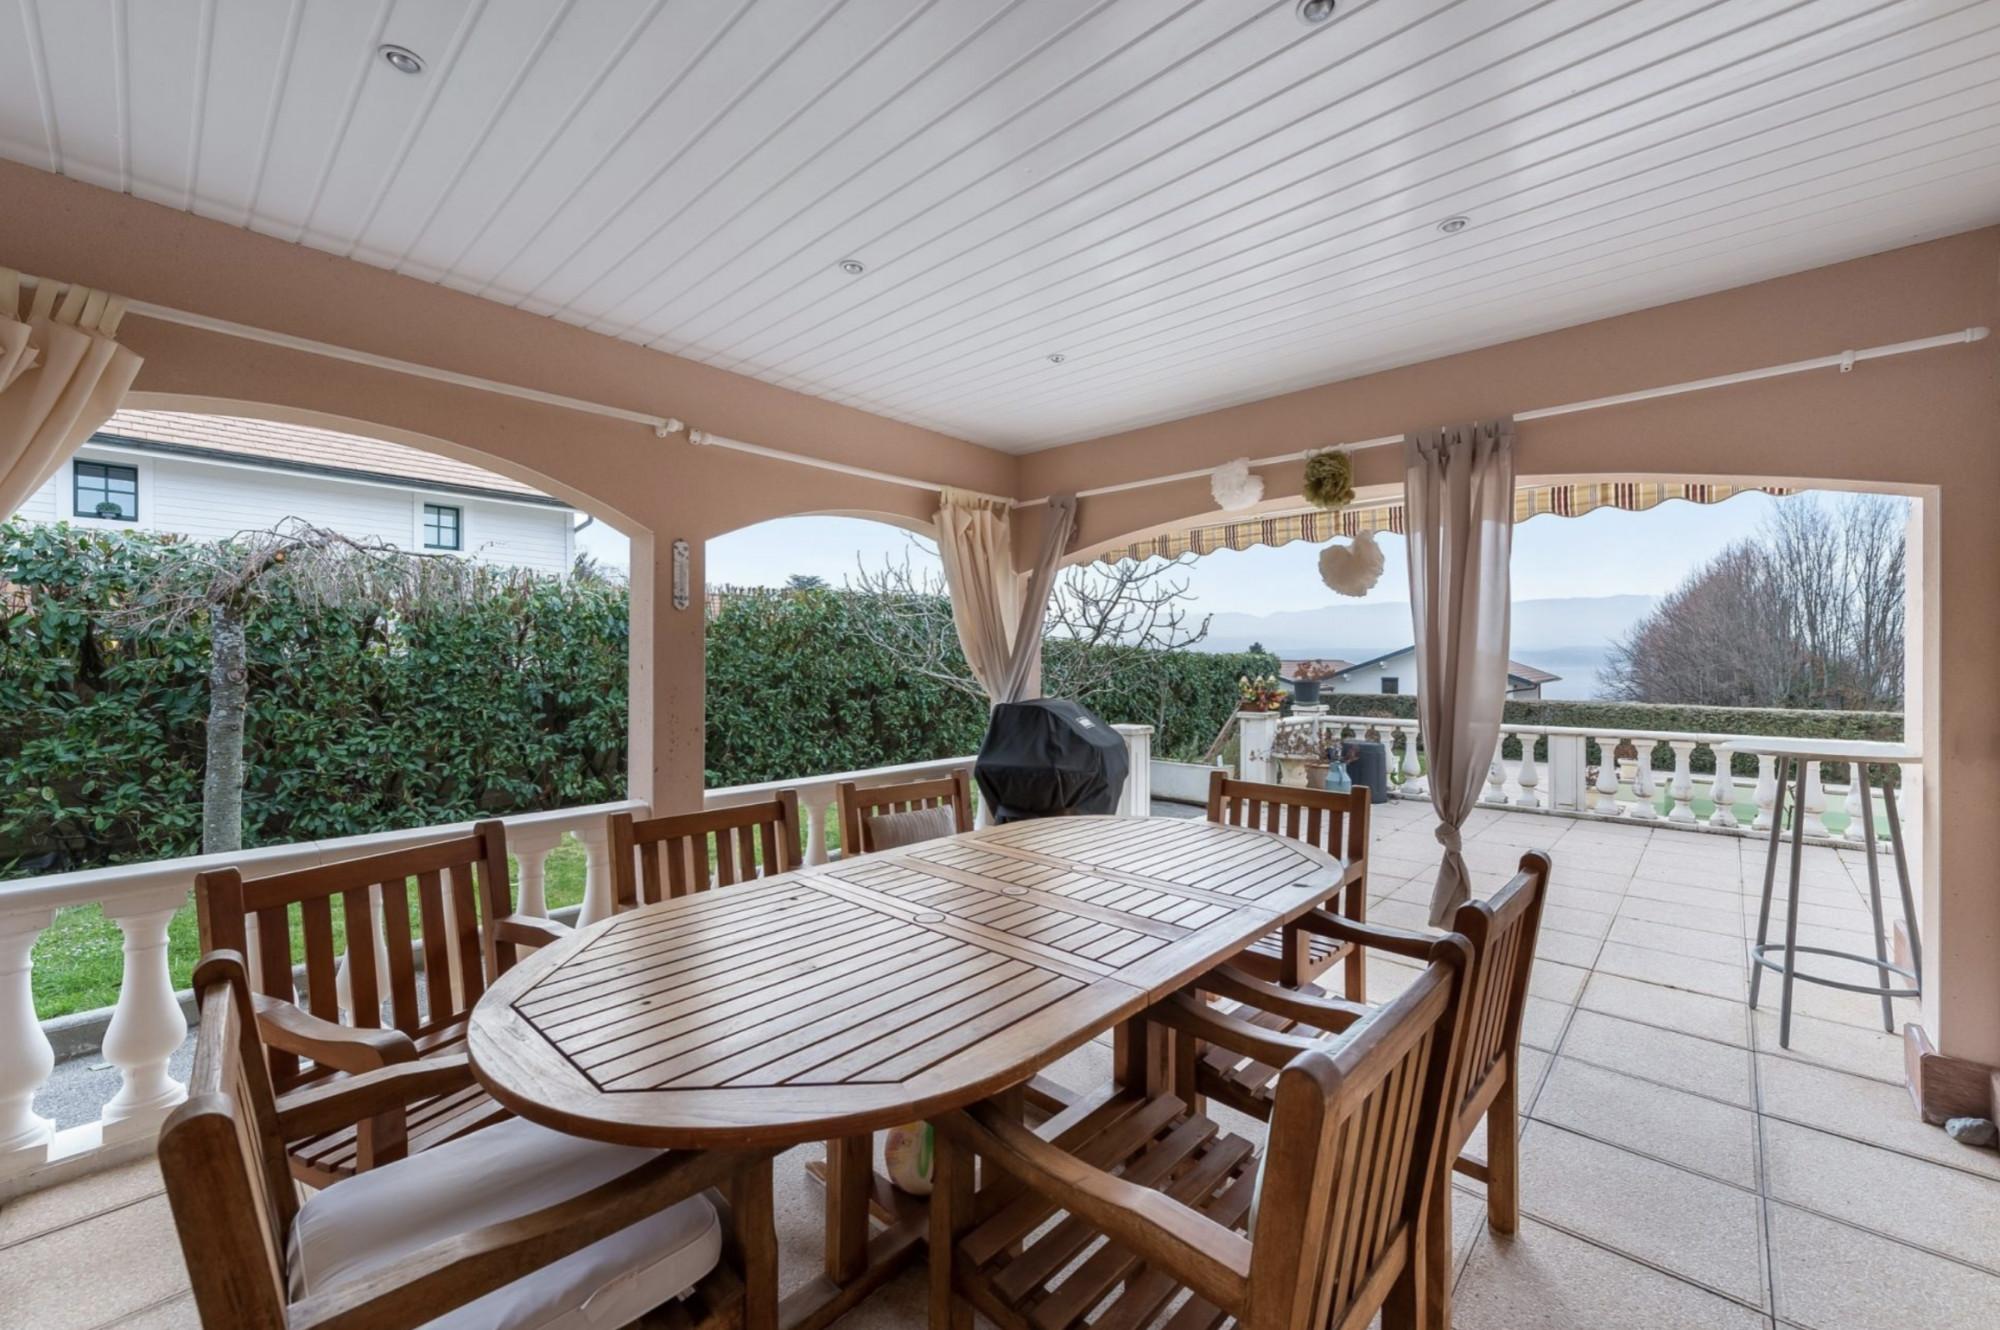 English Speaking Real Estate Agent Lake Geneva